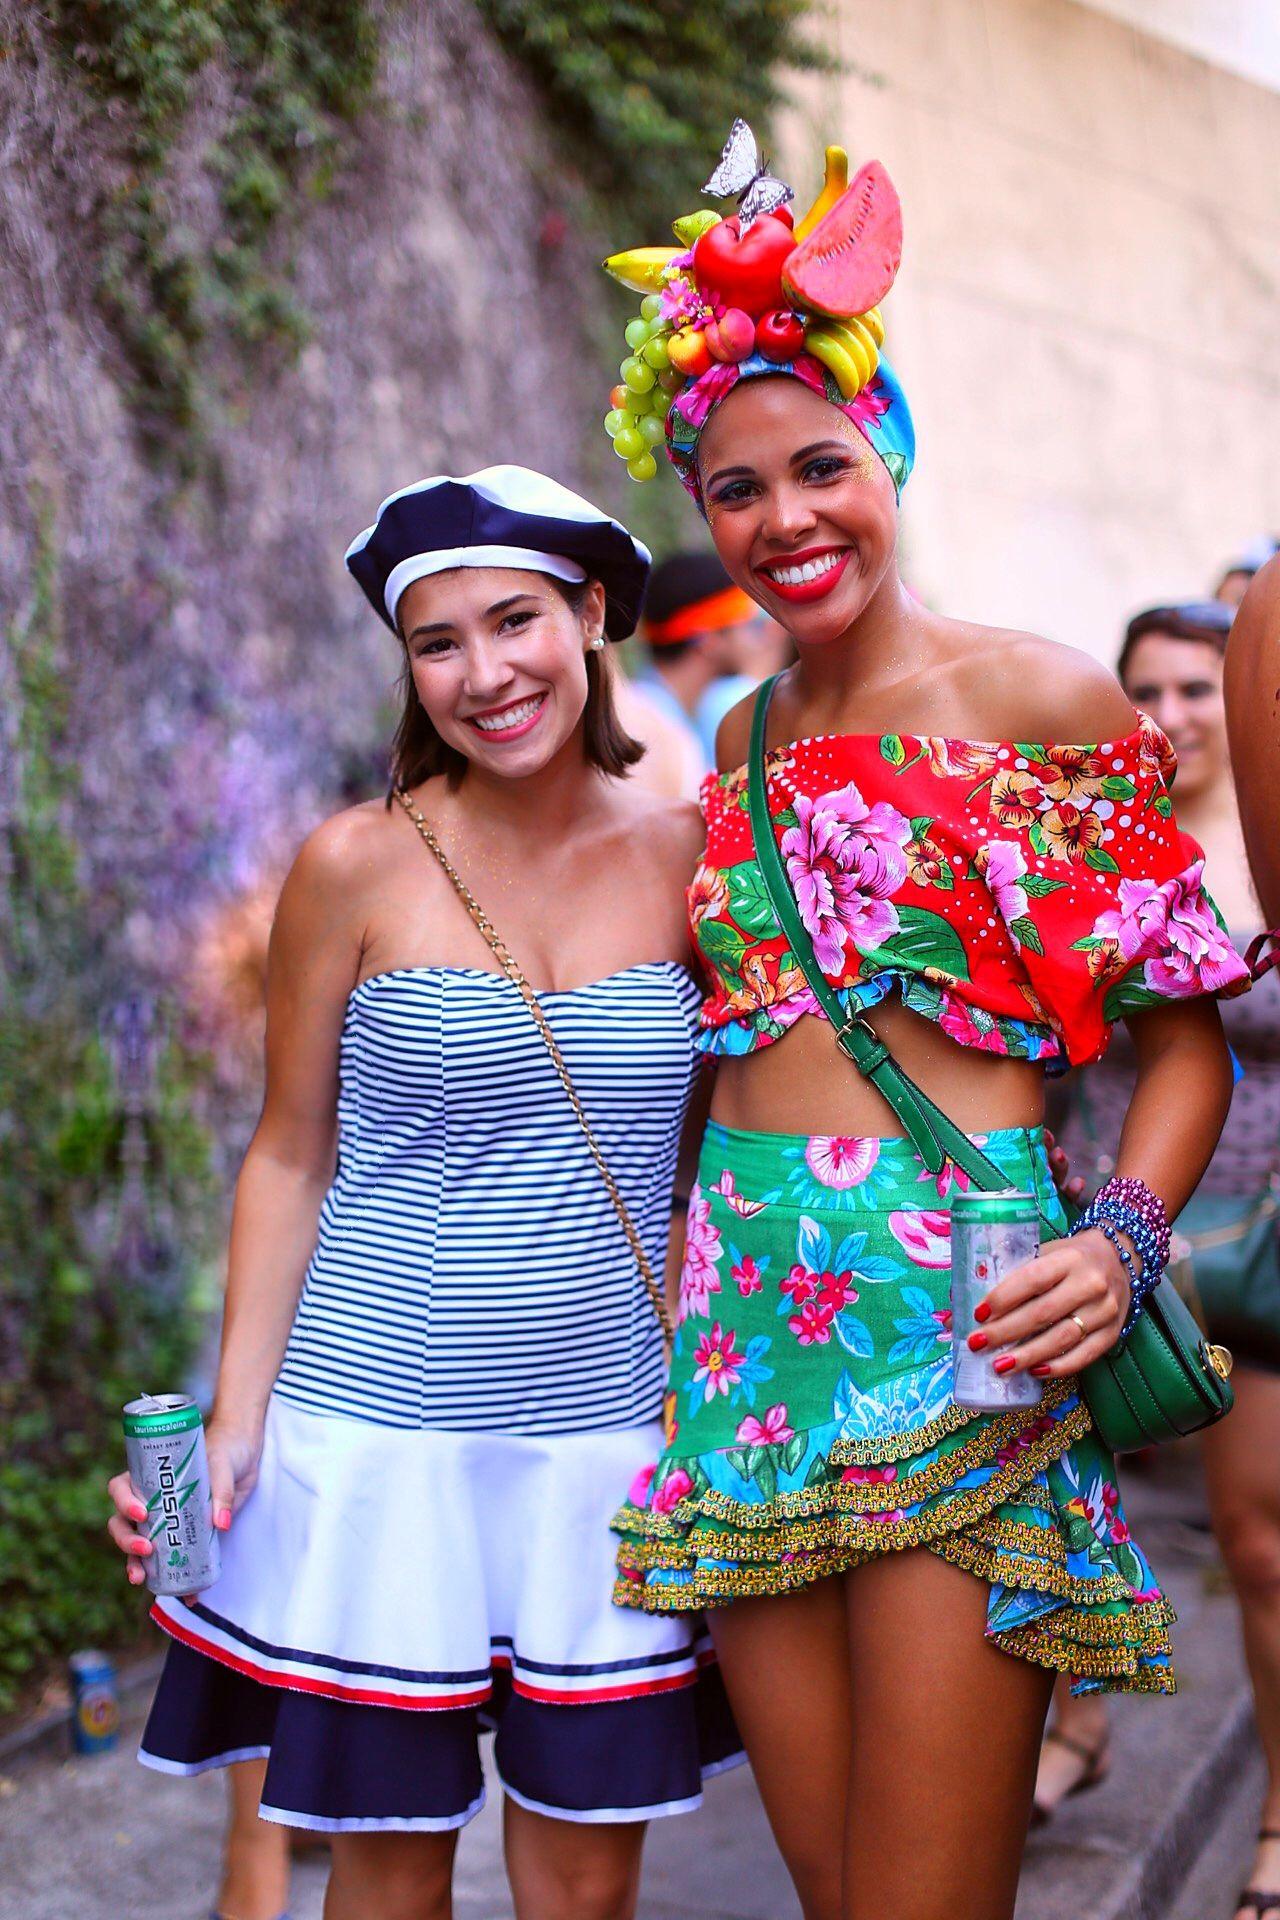 carnaval: fantasias dos blocos de rua do rio de janeiro